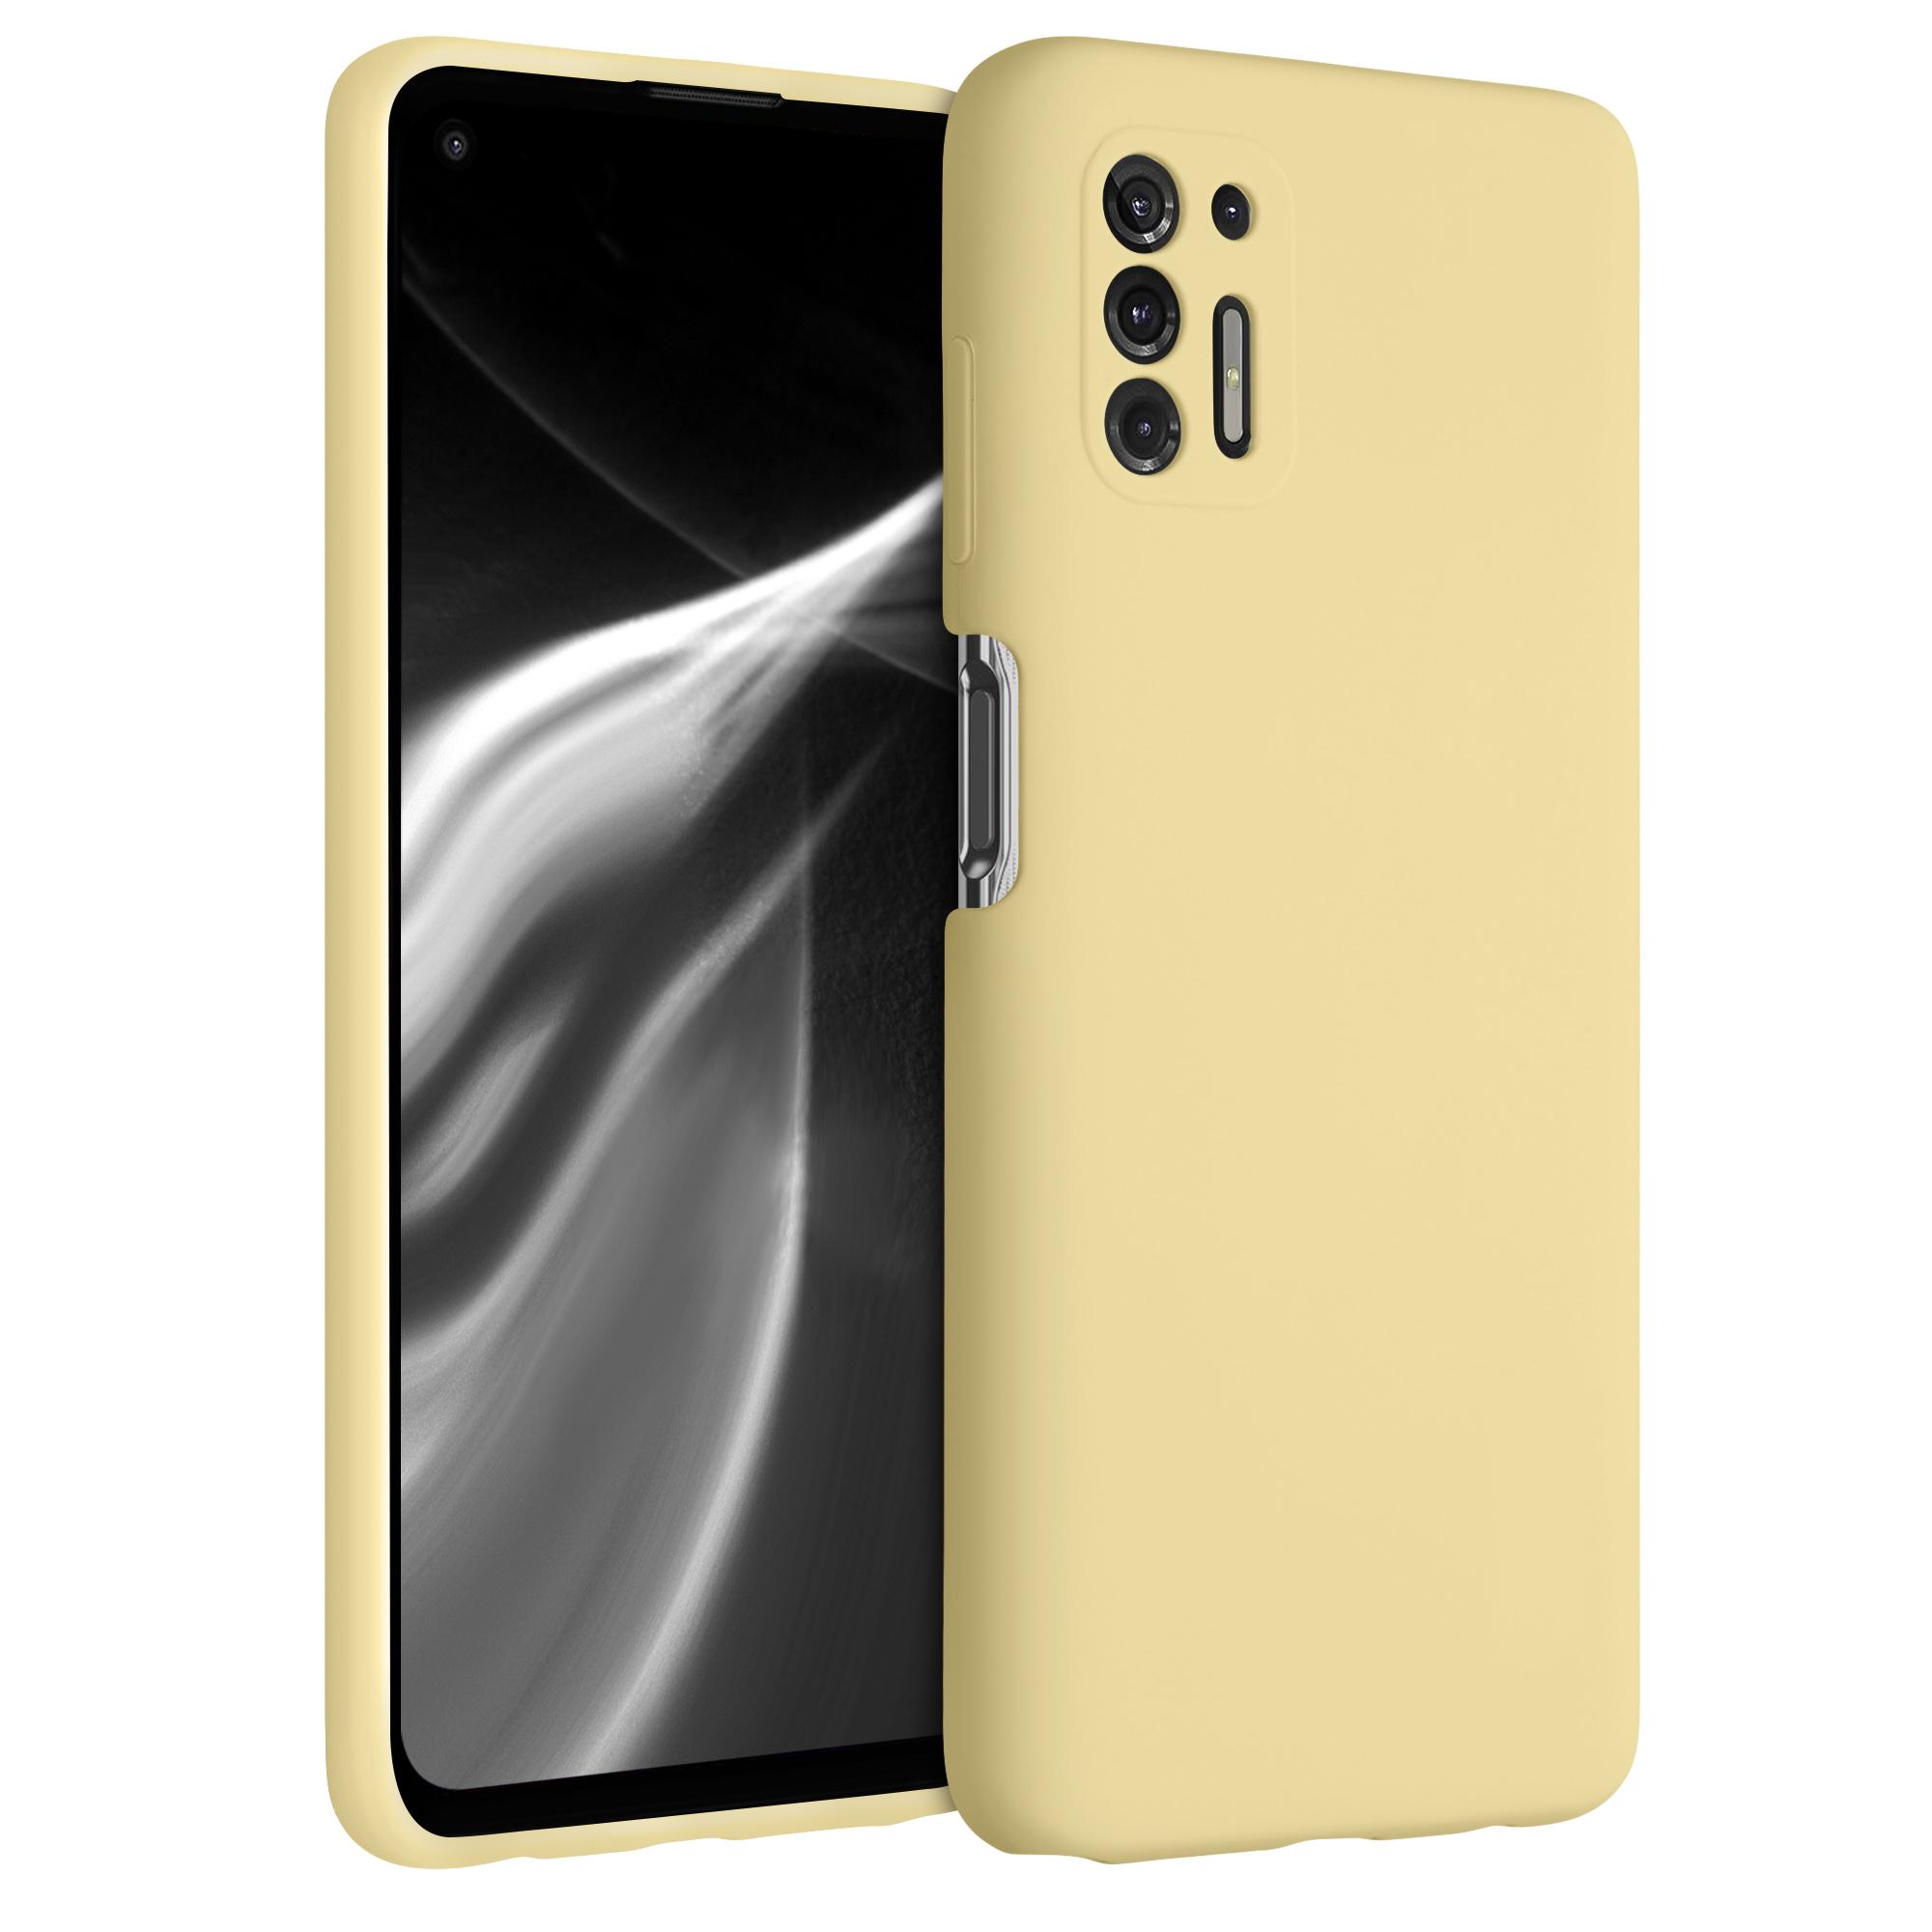 Kvalitní silikonové TPU pouzdro | obal pro Motorola Moto G Pro (2021) / Moto G Stylus (2021) - Světle žlutá